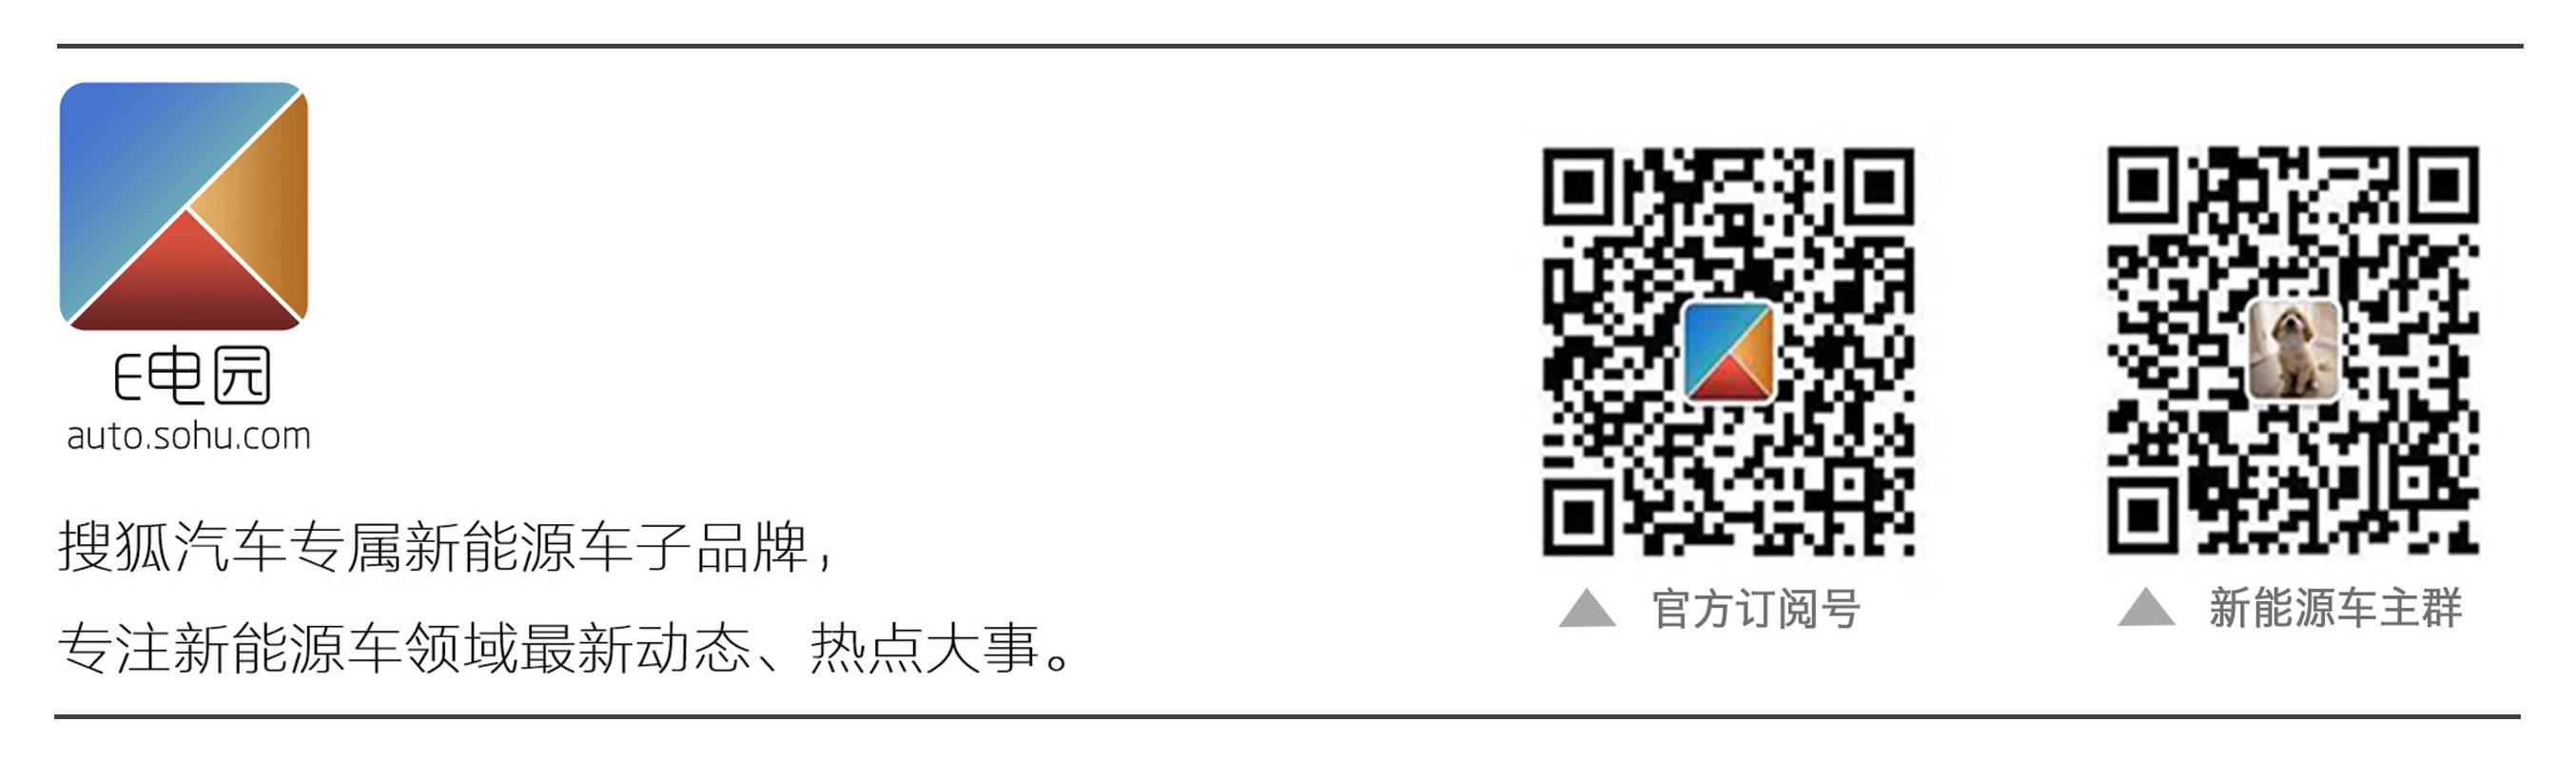 将于10月8日正式亮相 轻混版马自达MX-30最新消息曝光